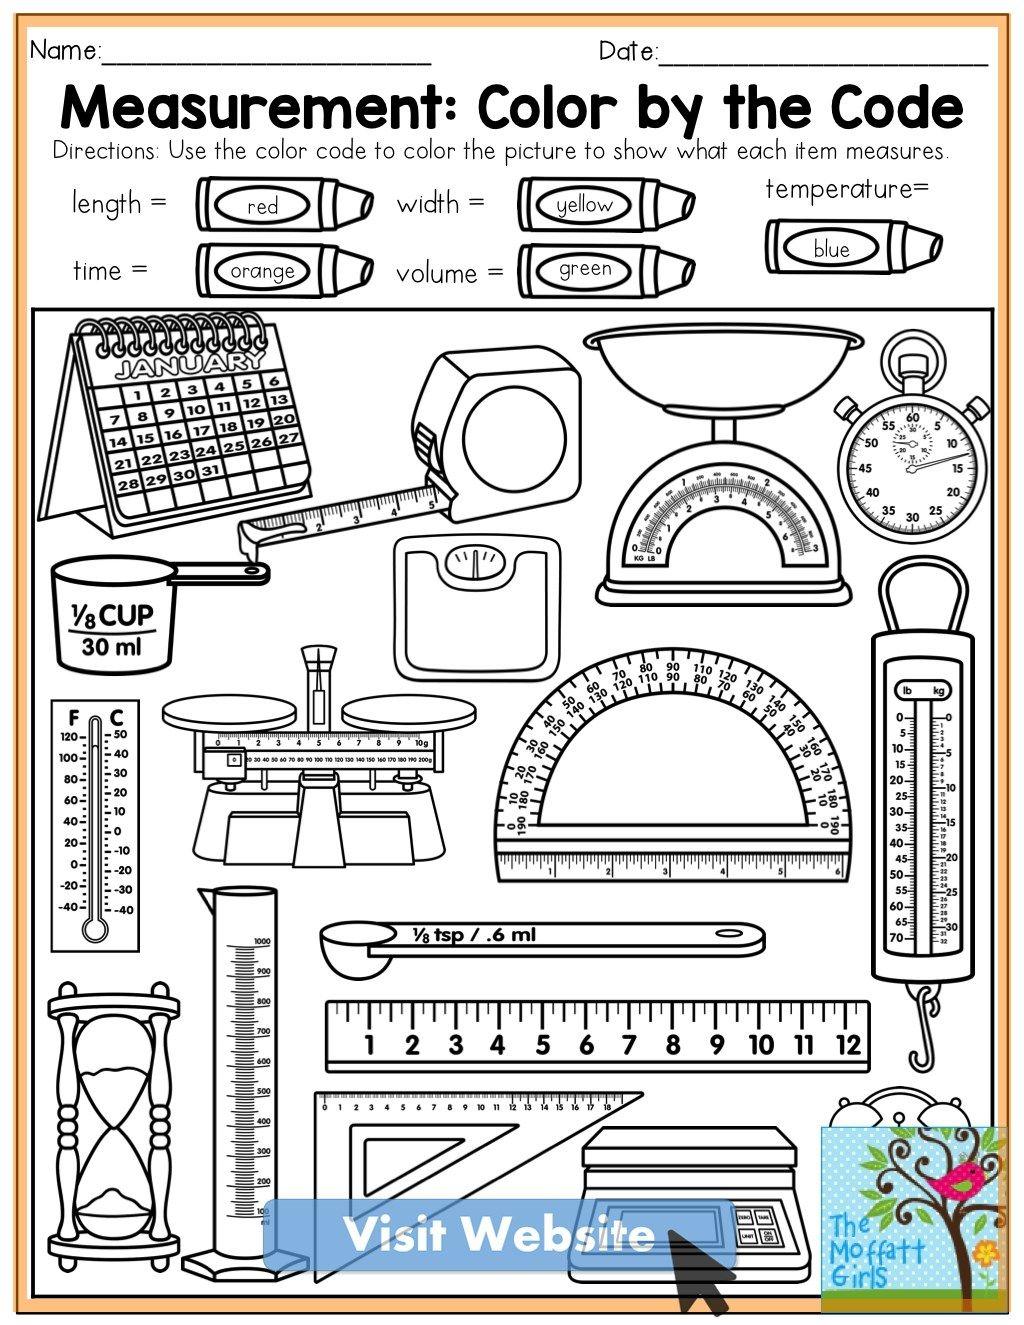 Math Worksheets 2nd Grade Multiplication In 2020 1st Grade Math Worksheets Measurement Worksheets Kids Math Worksheets